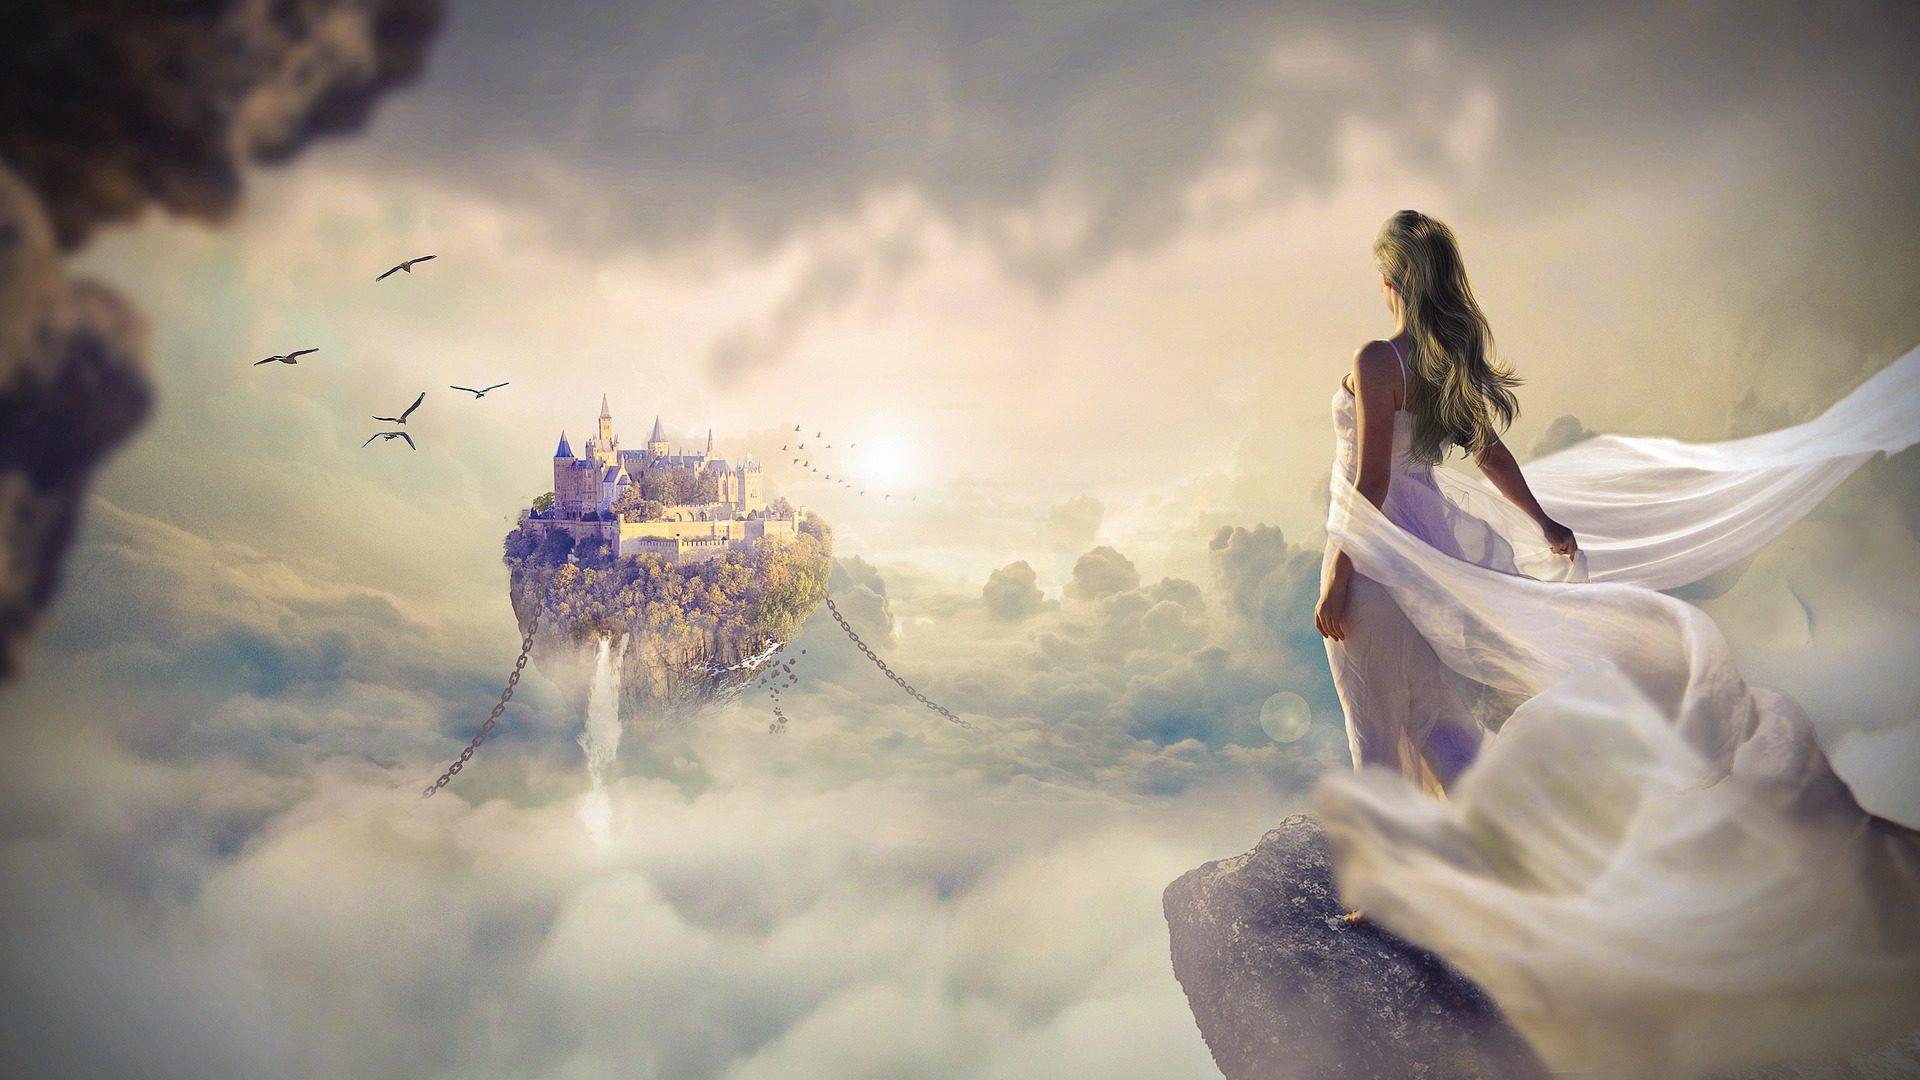 امرأة, فستان, القلعة, عائم, سلاسل, السحب. - خلفيات عالية الدقة - أستاذ falken.com